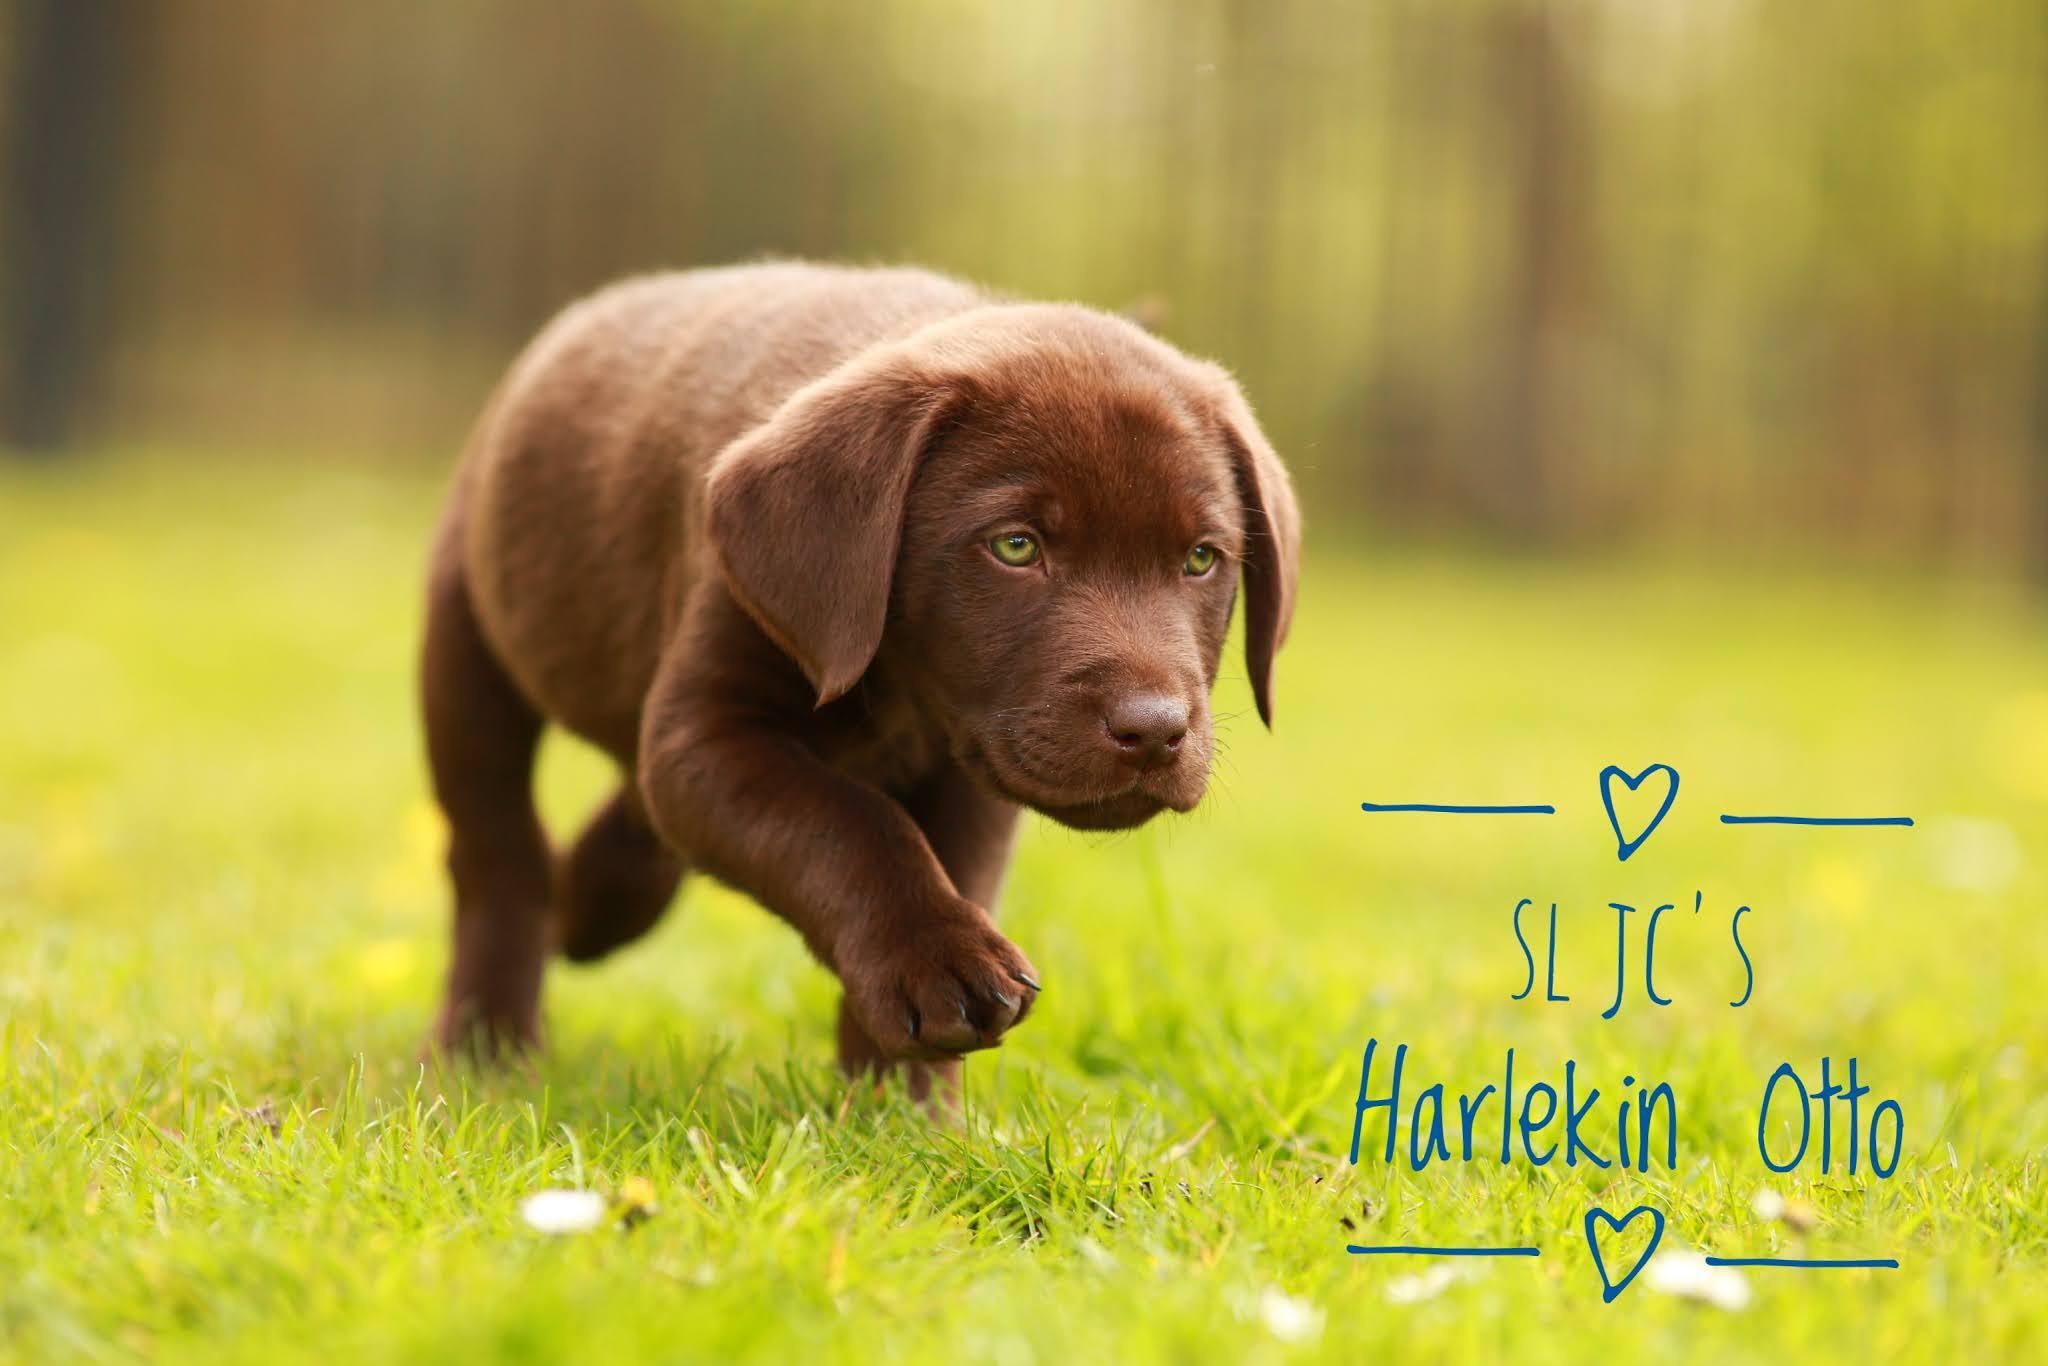 SL JC´s Harlekin Otto wohnt jetzt bei Stefanie und Kai in Bochum